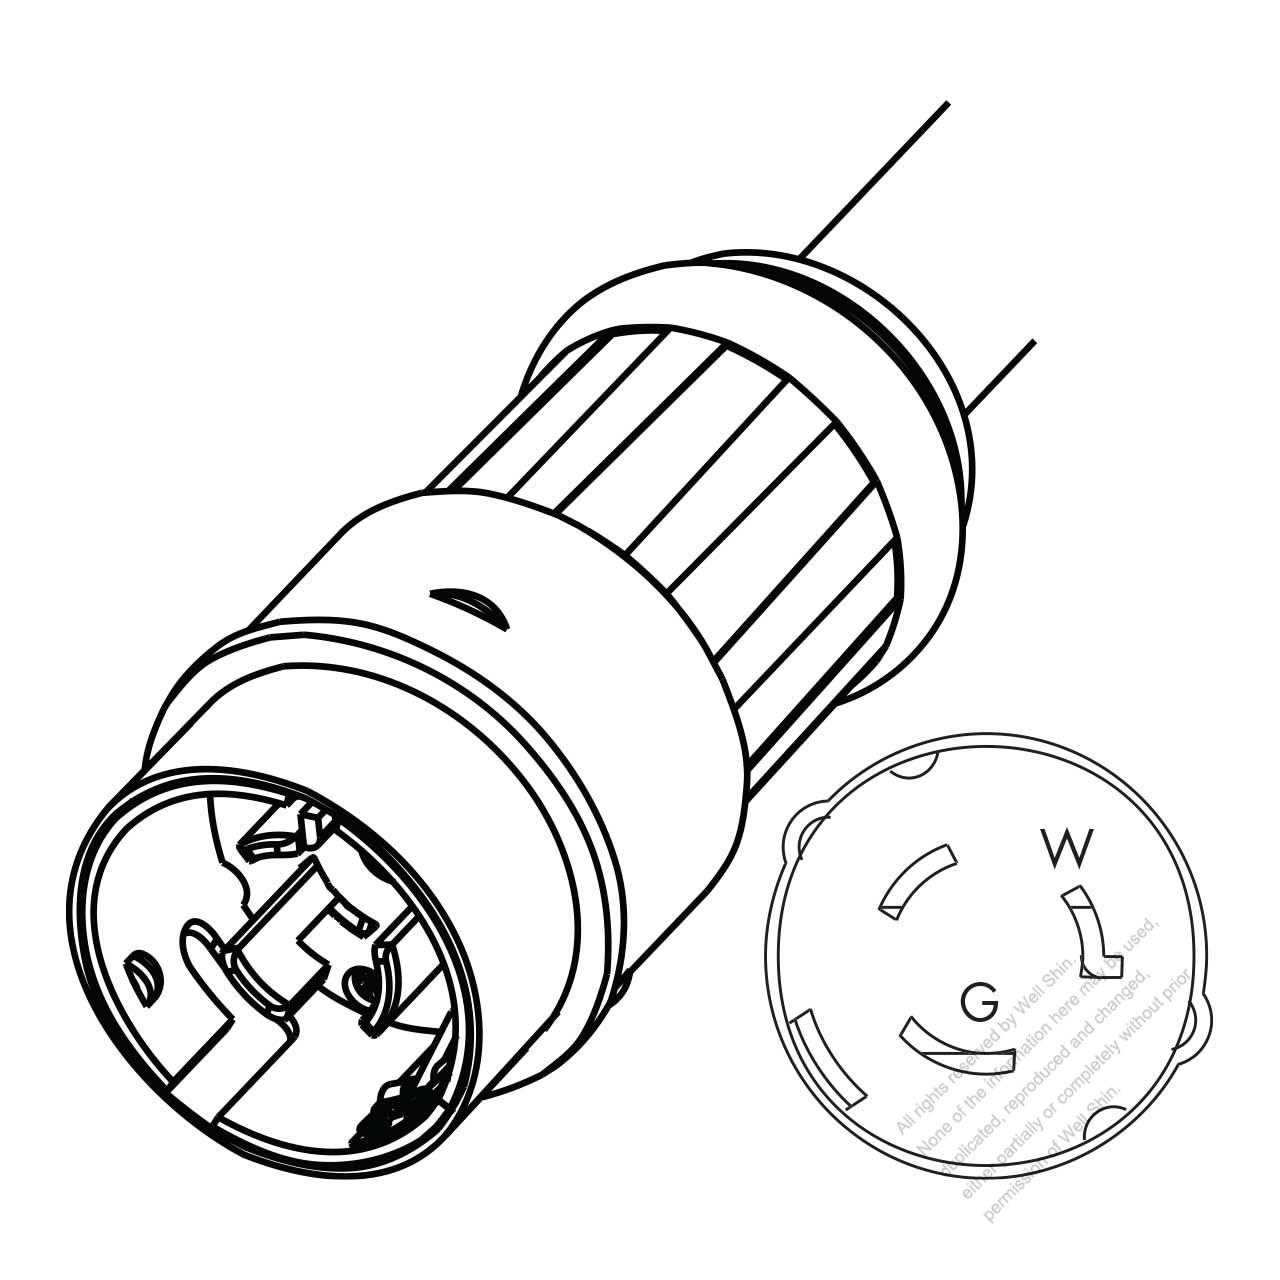 6 50p wiring diagram database NEMA L14-30P Plug nema 6 50p outlet wiring diagram database image of nema 6 50 p plug 6 50p